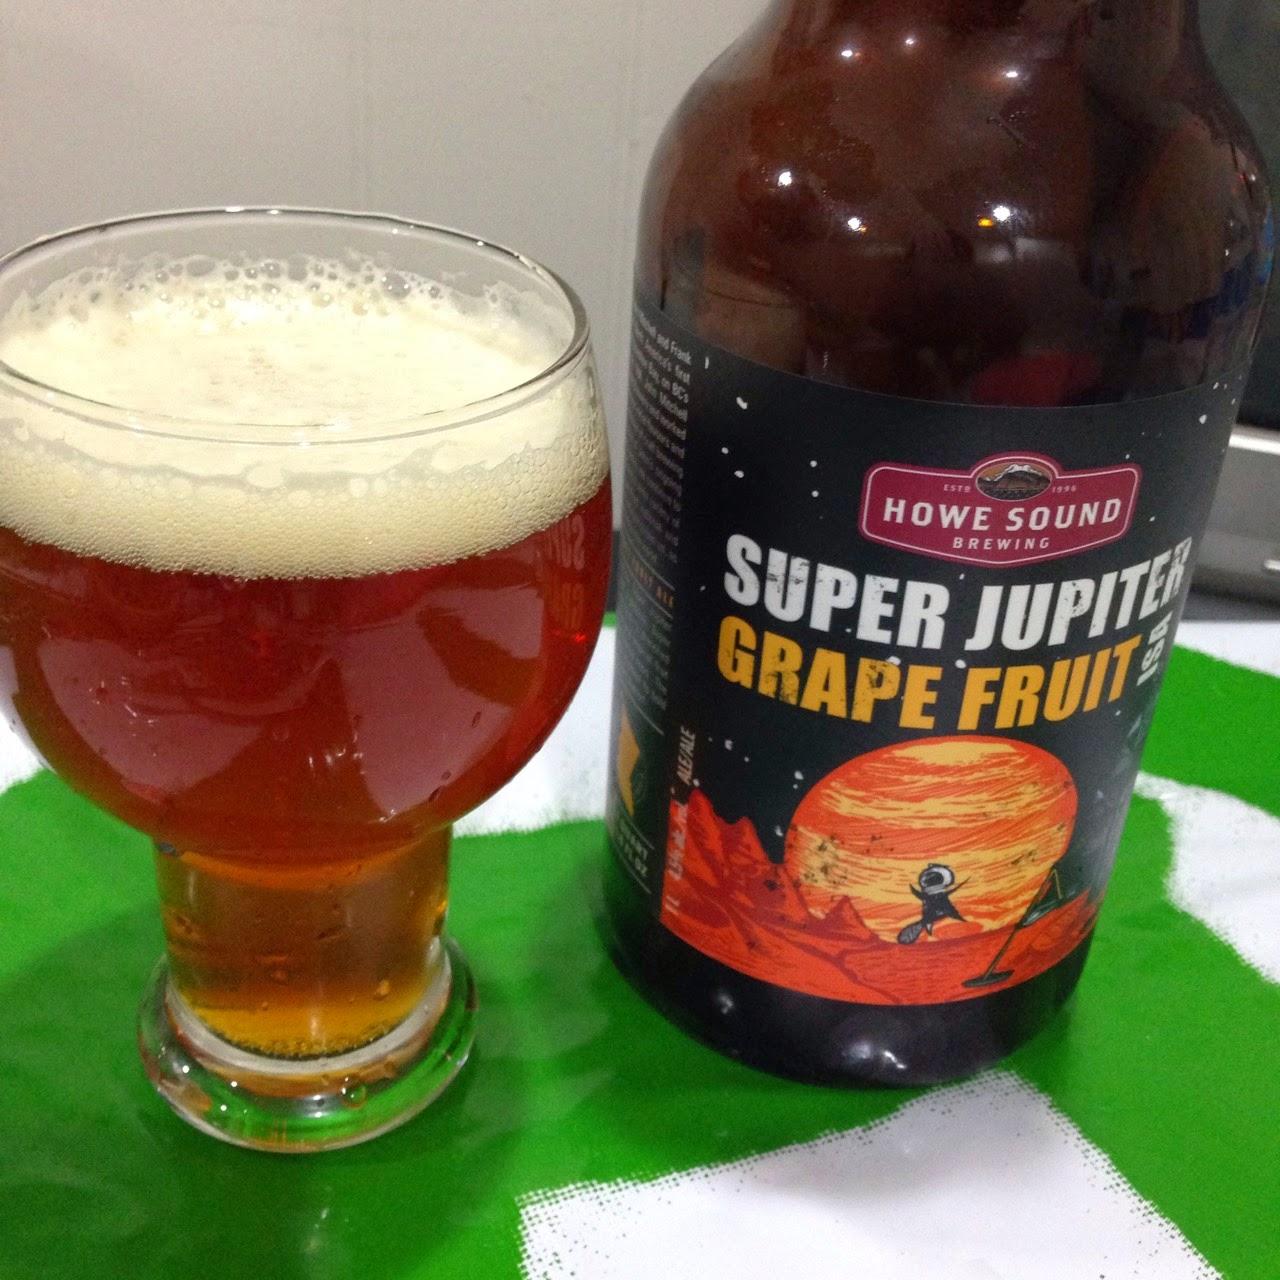 Super Jupiter